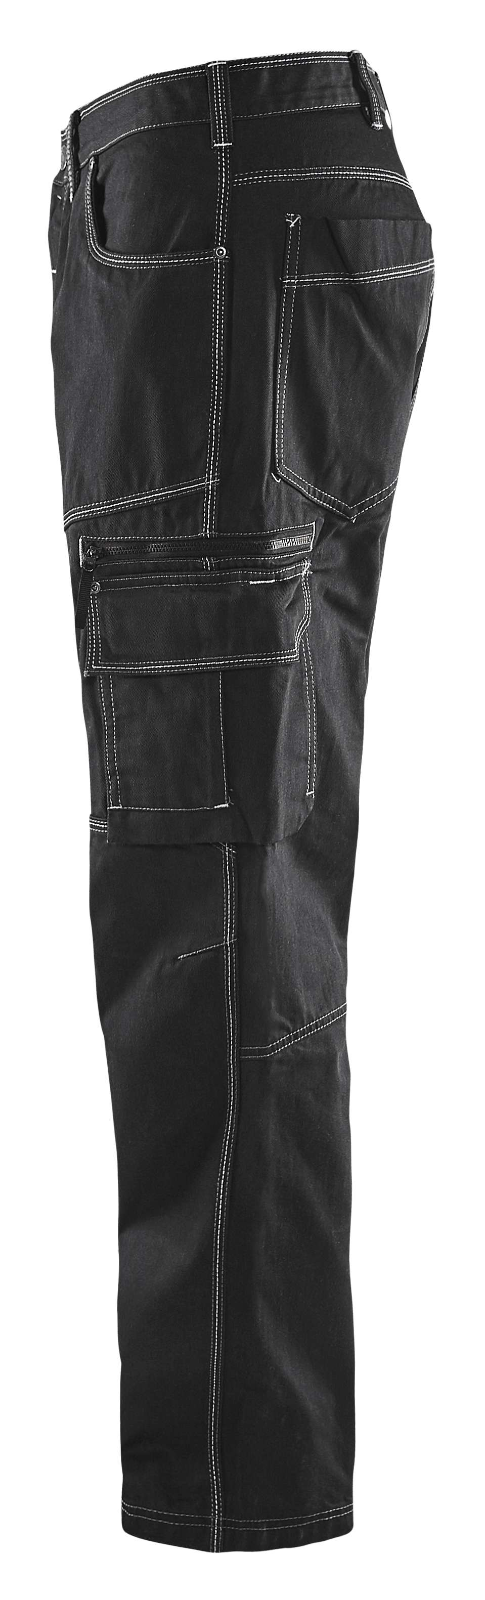 Blaklader Broeken 19591140 zwart(9900)